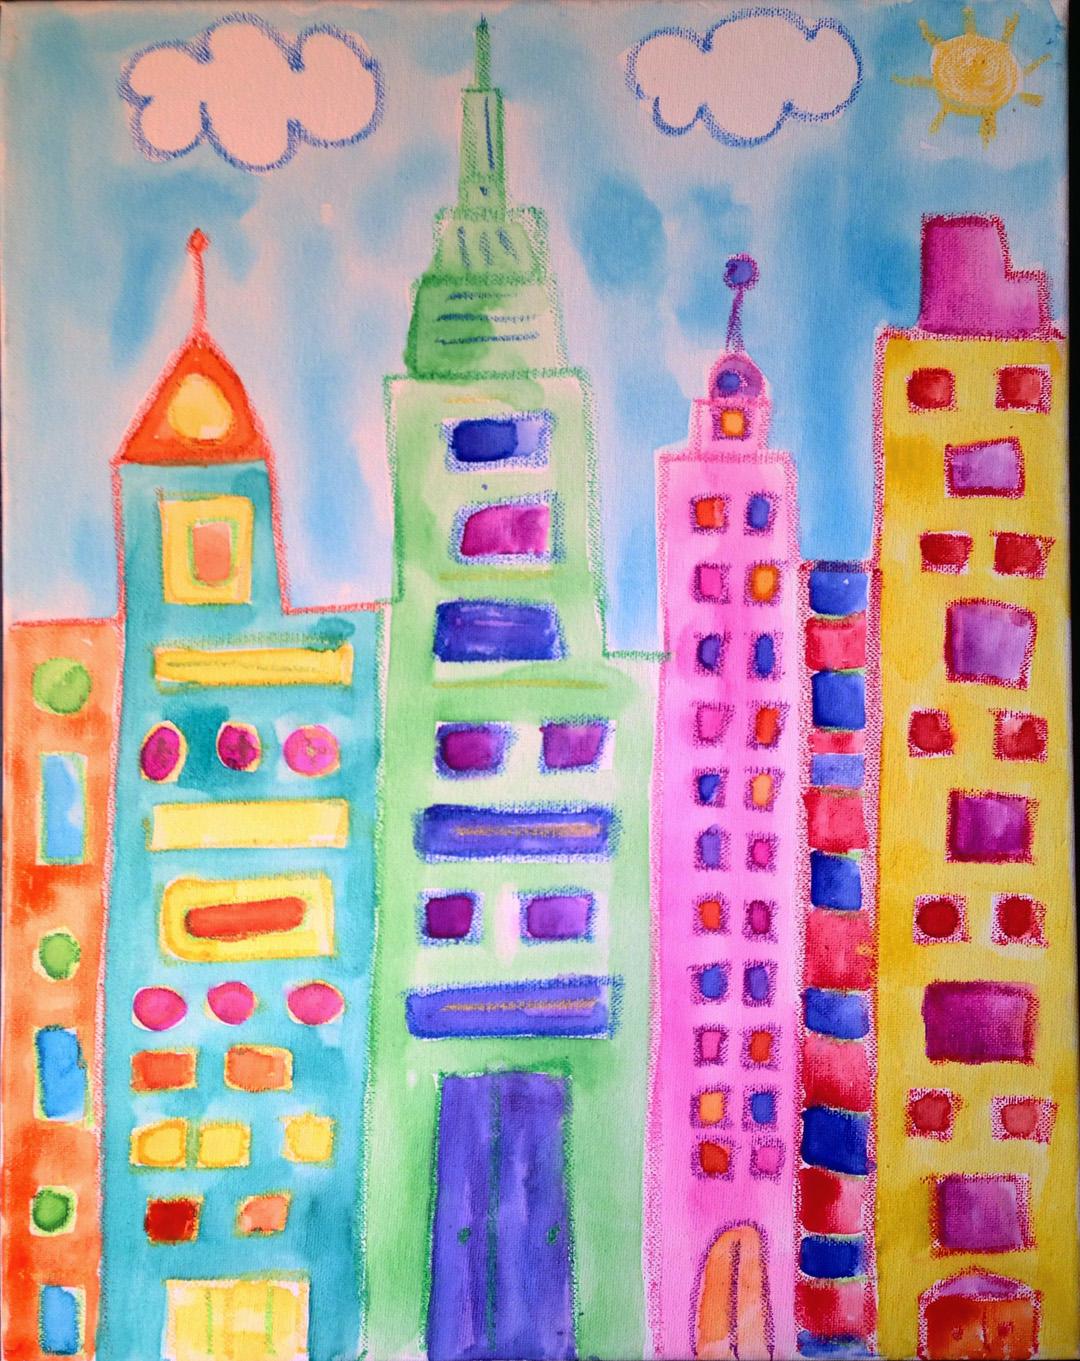 City (Watercolor)